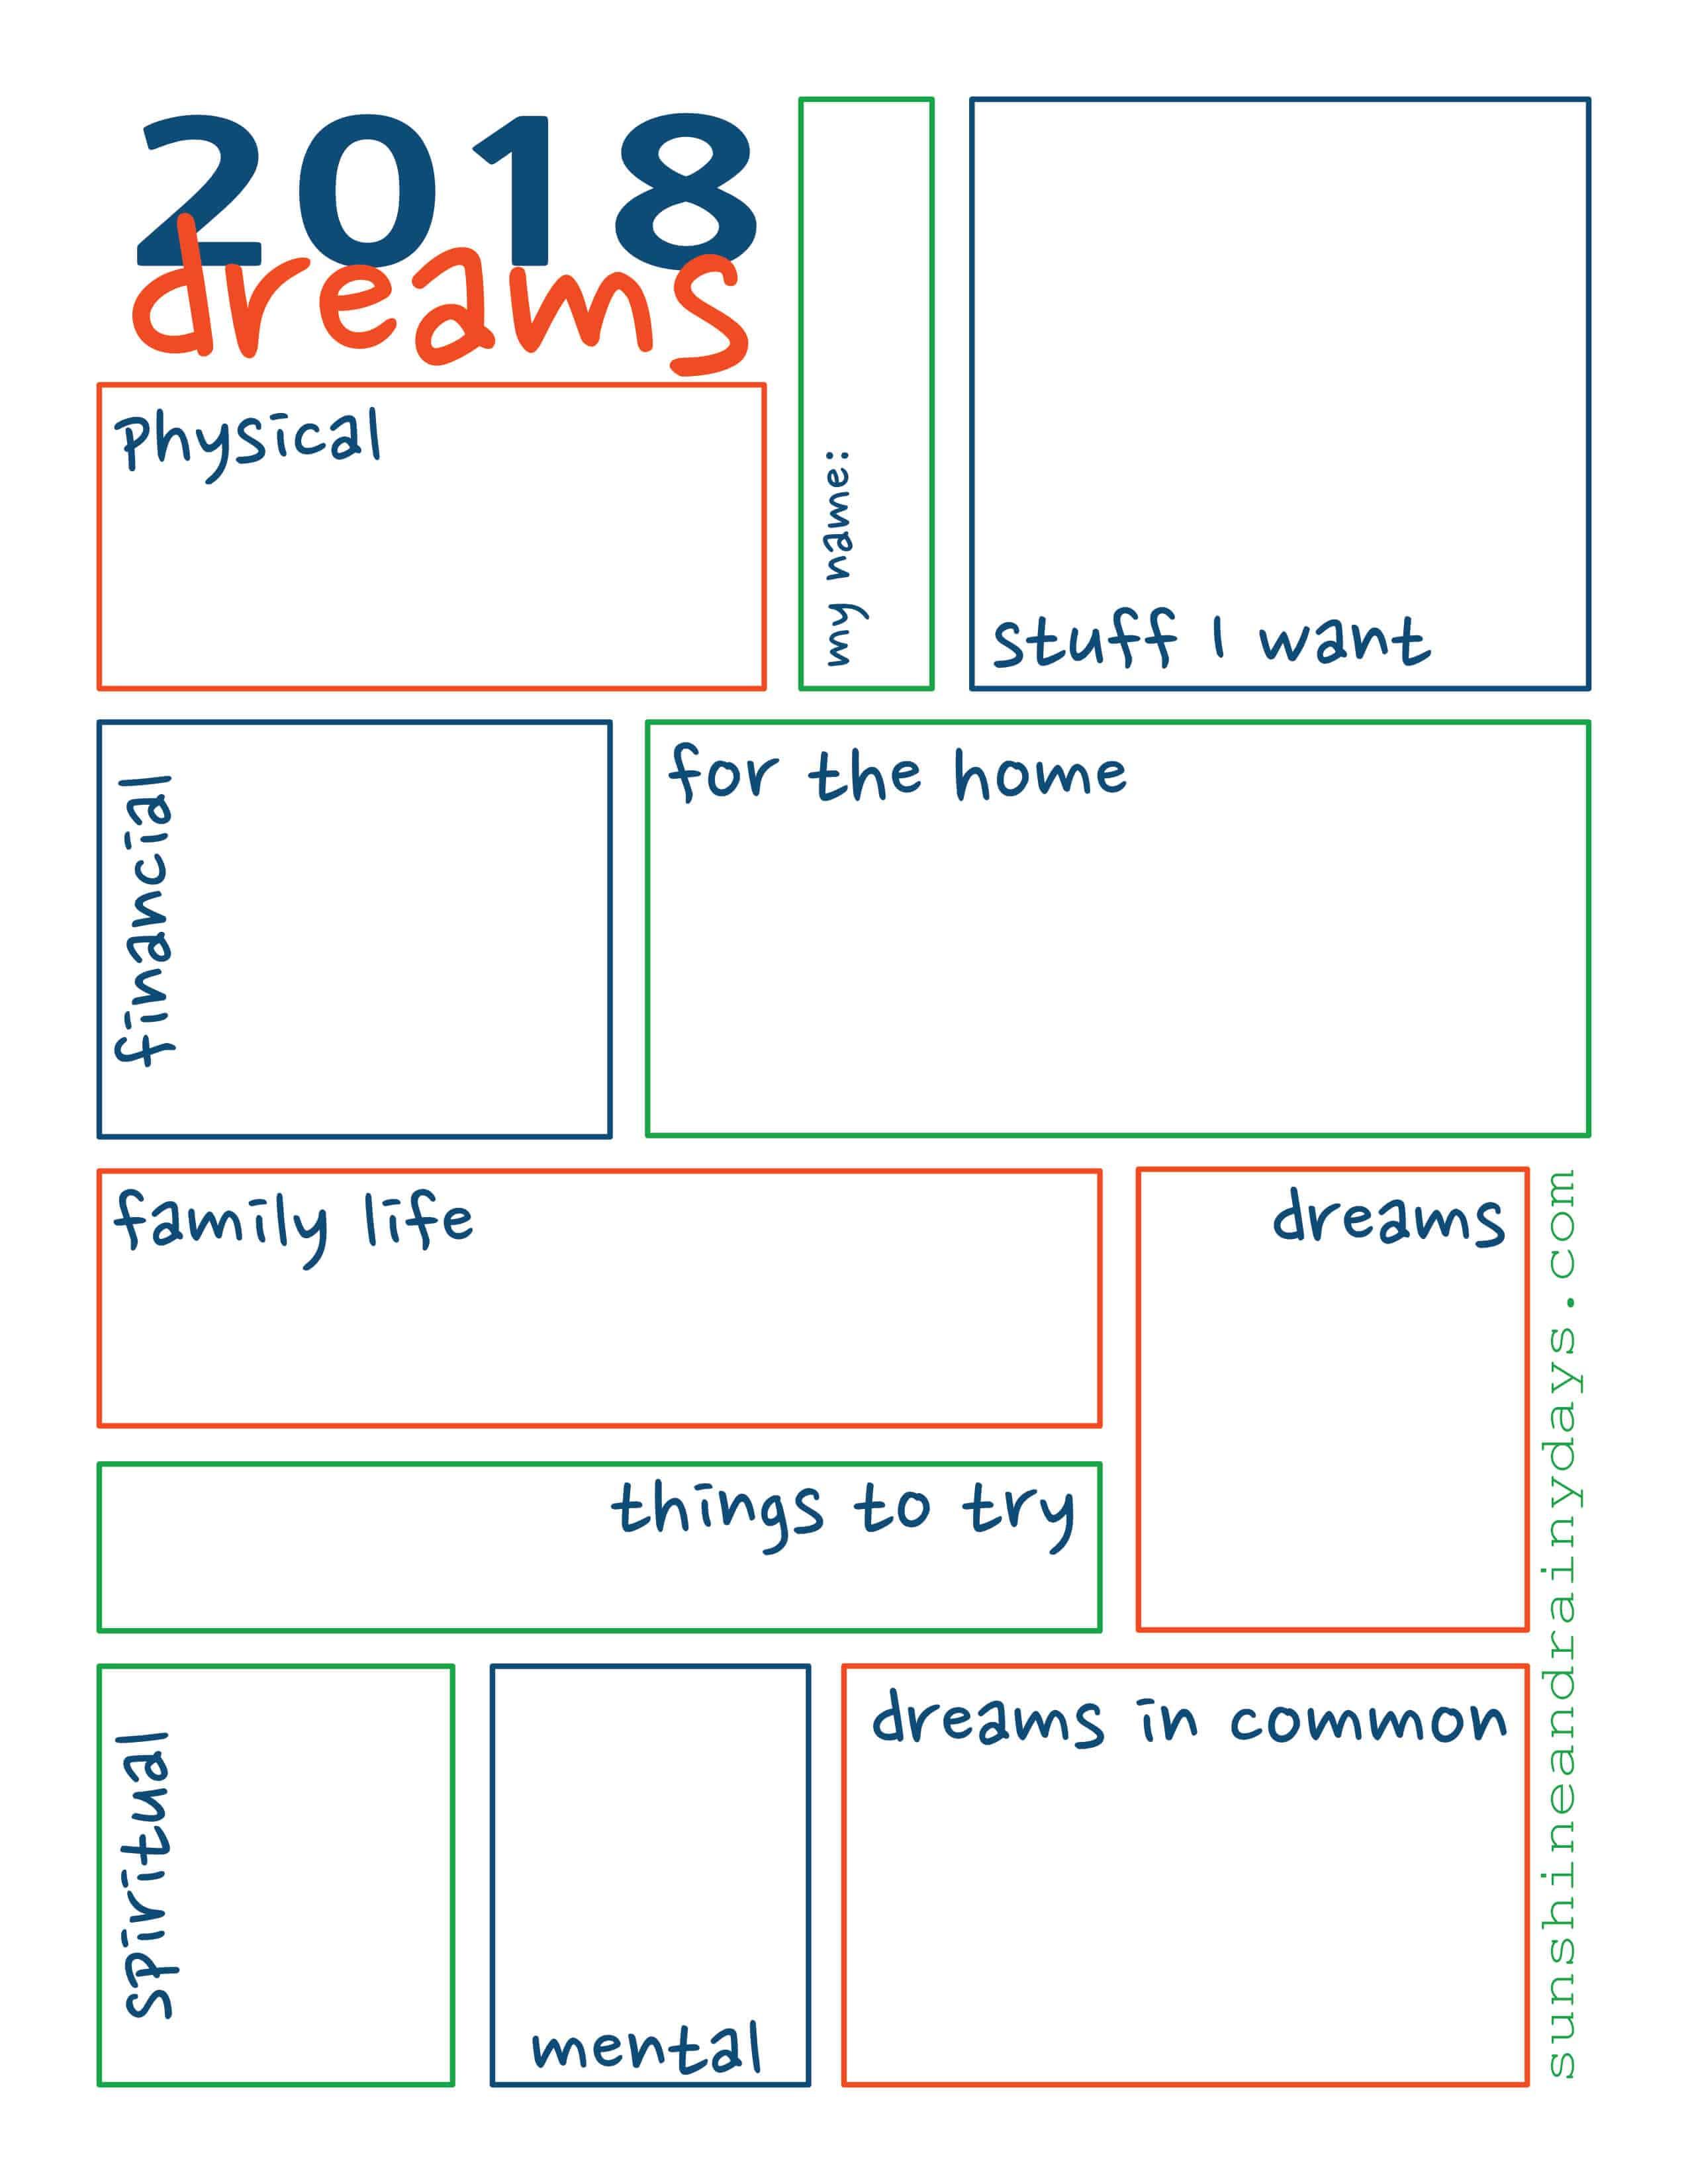 Dream Sheet